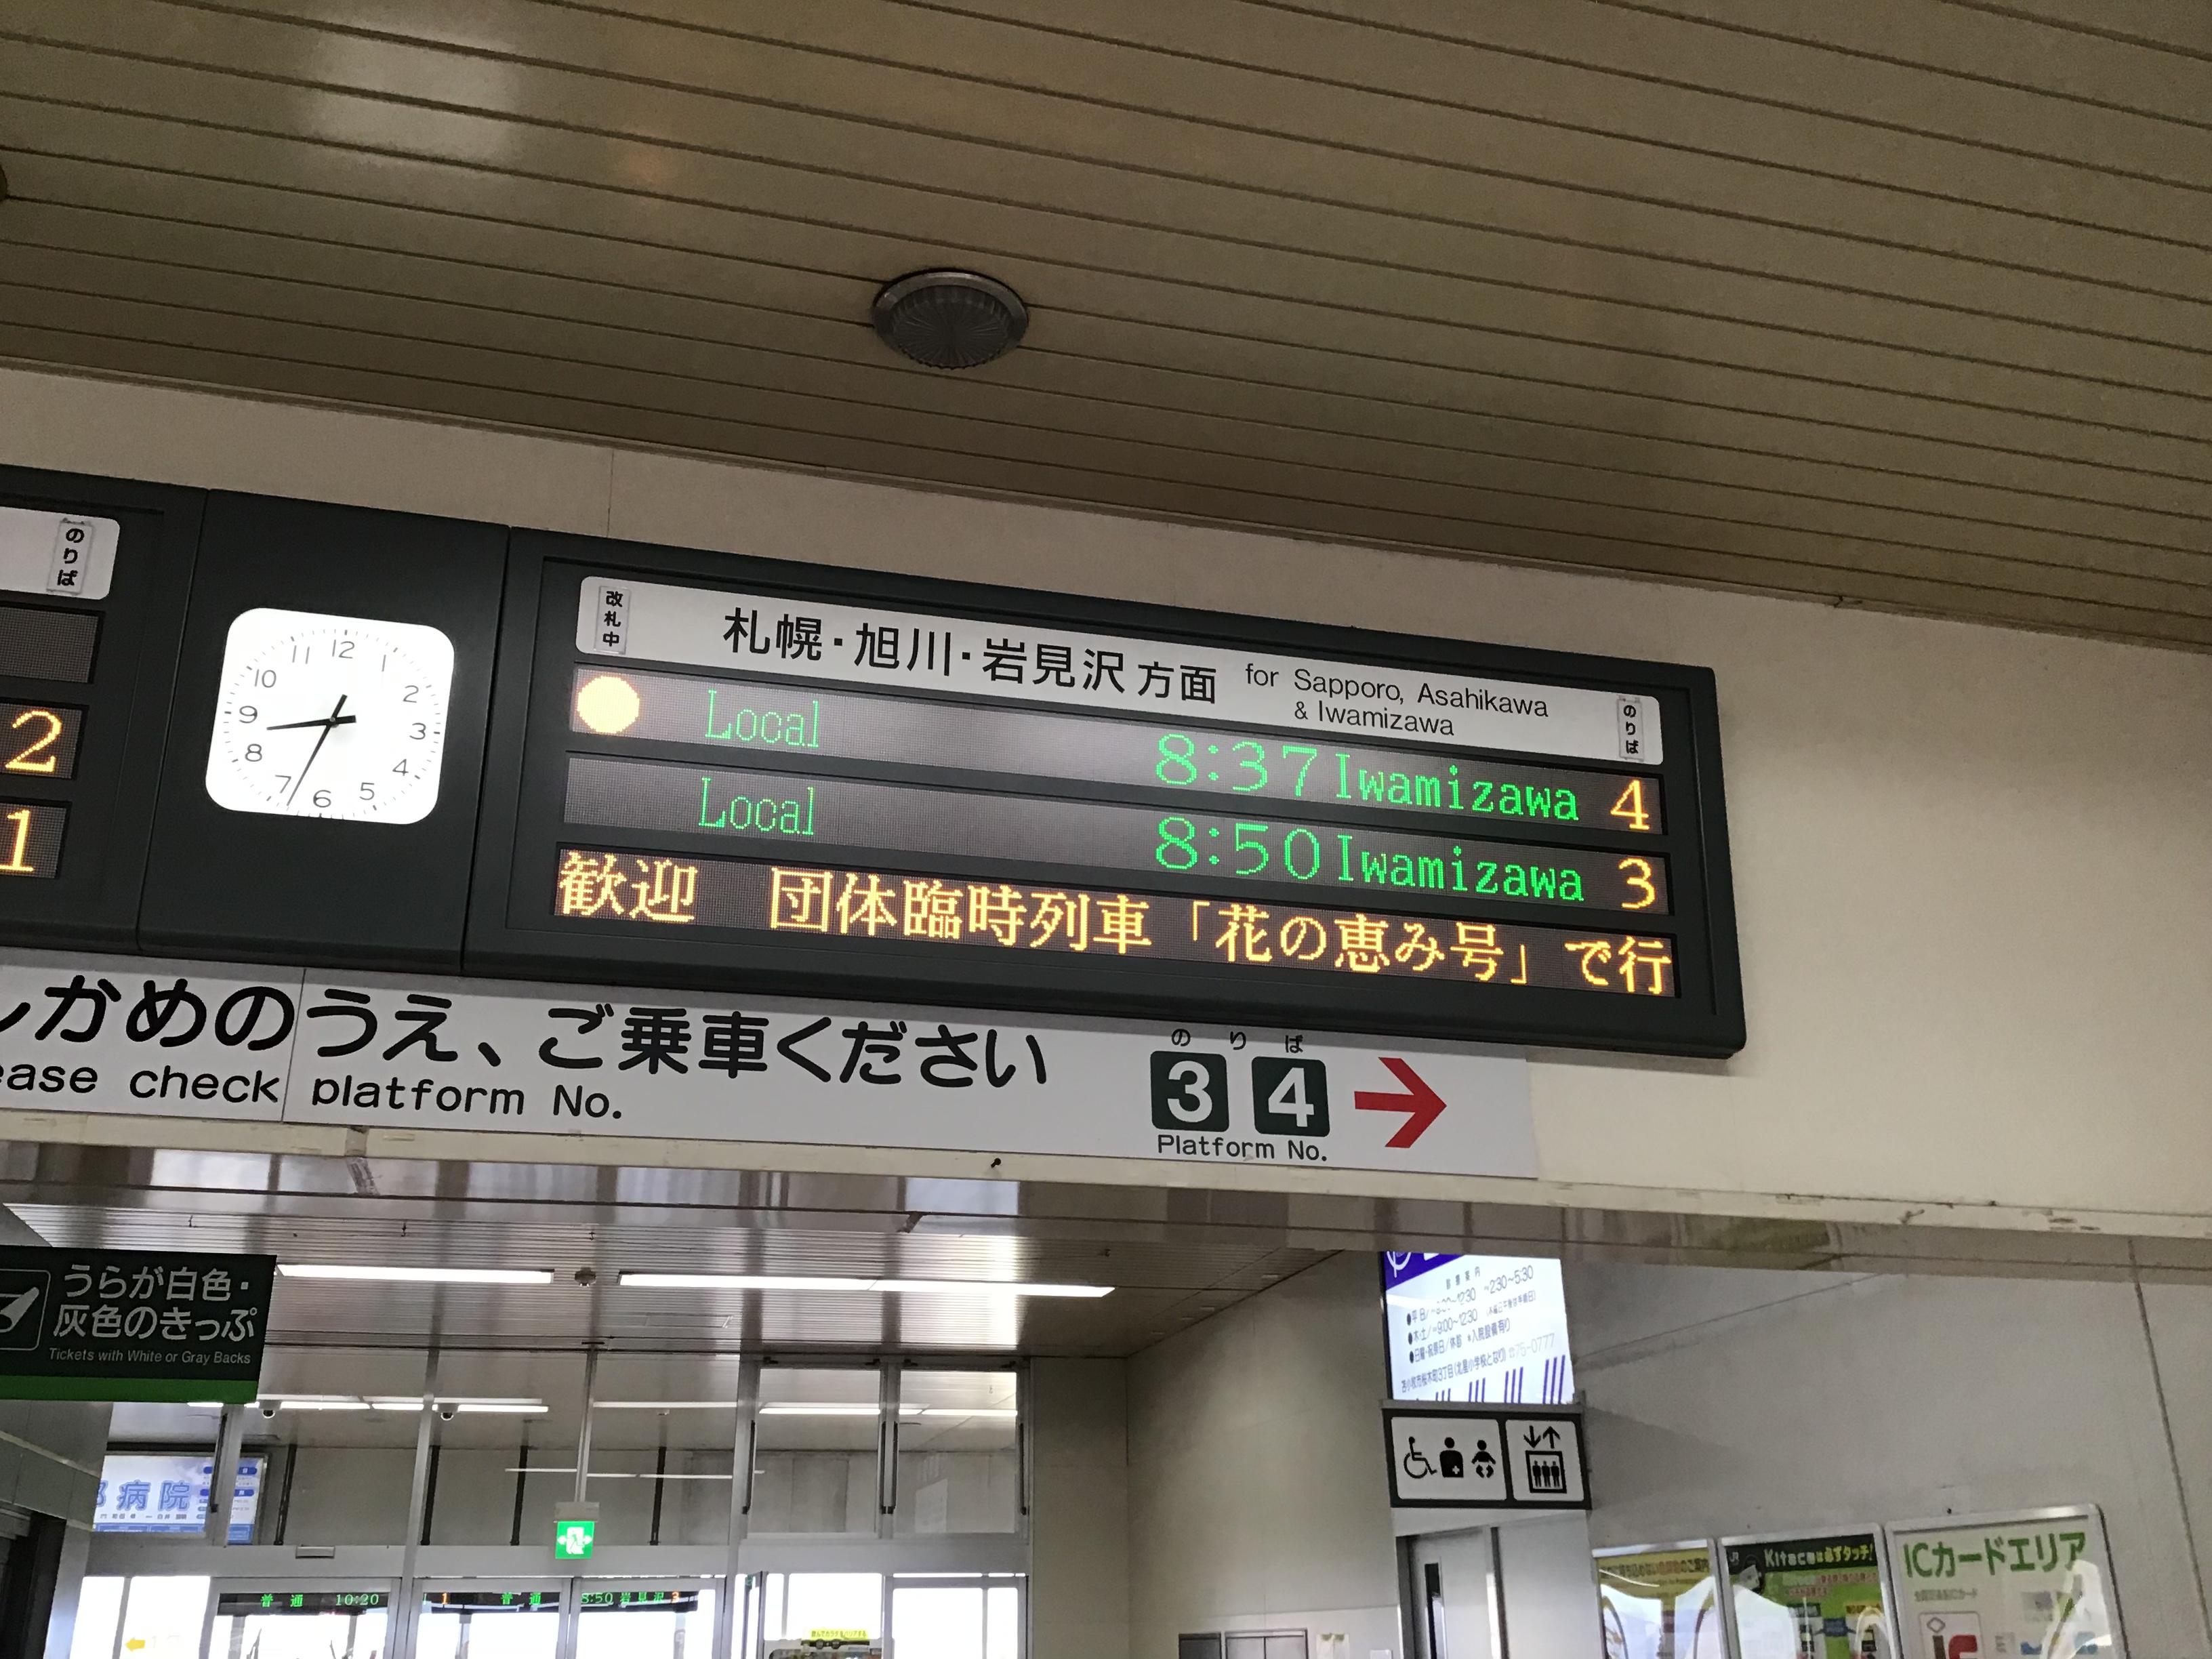 11月30日運転 室蘭本線観光列車